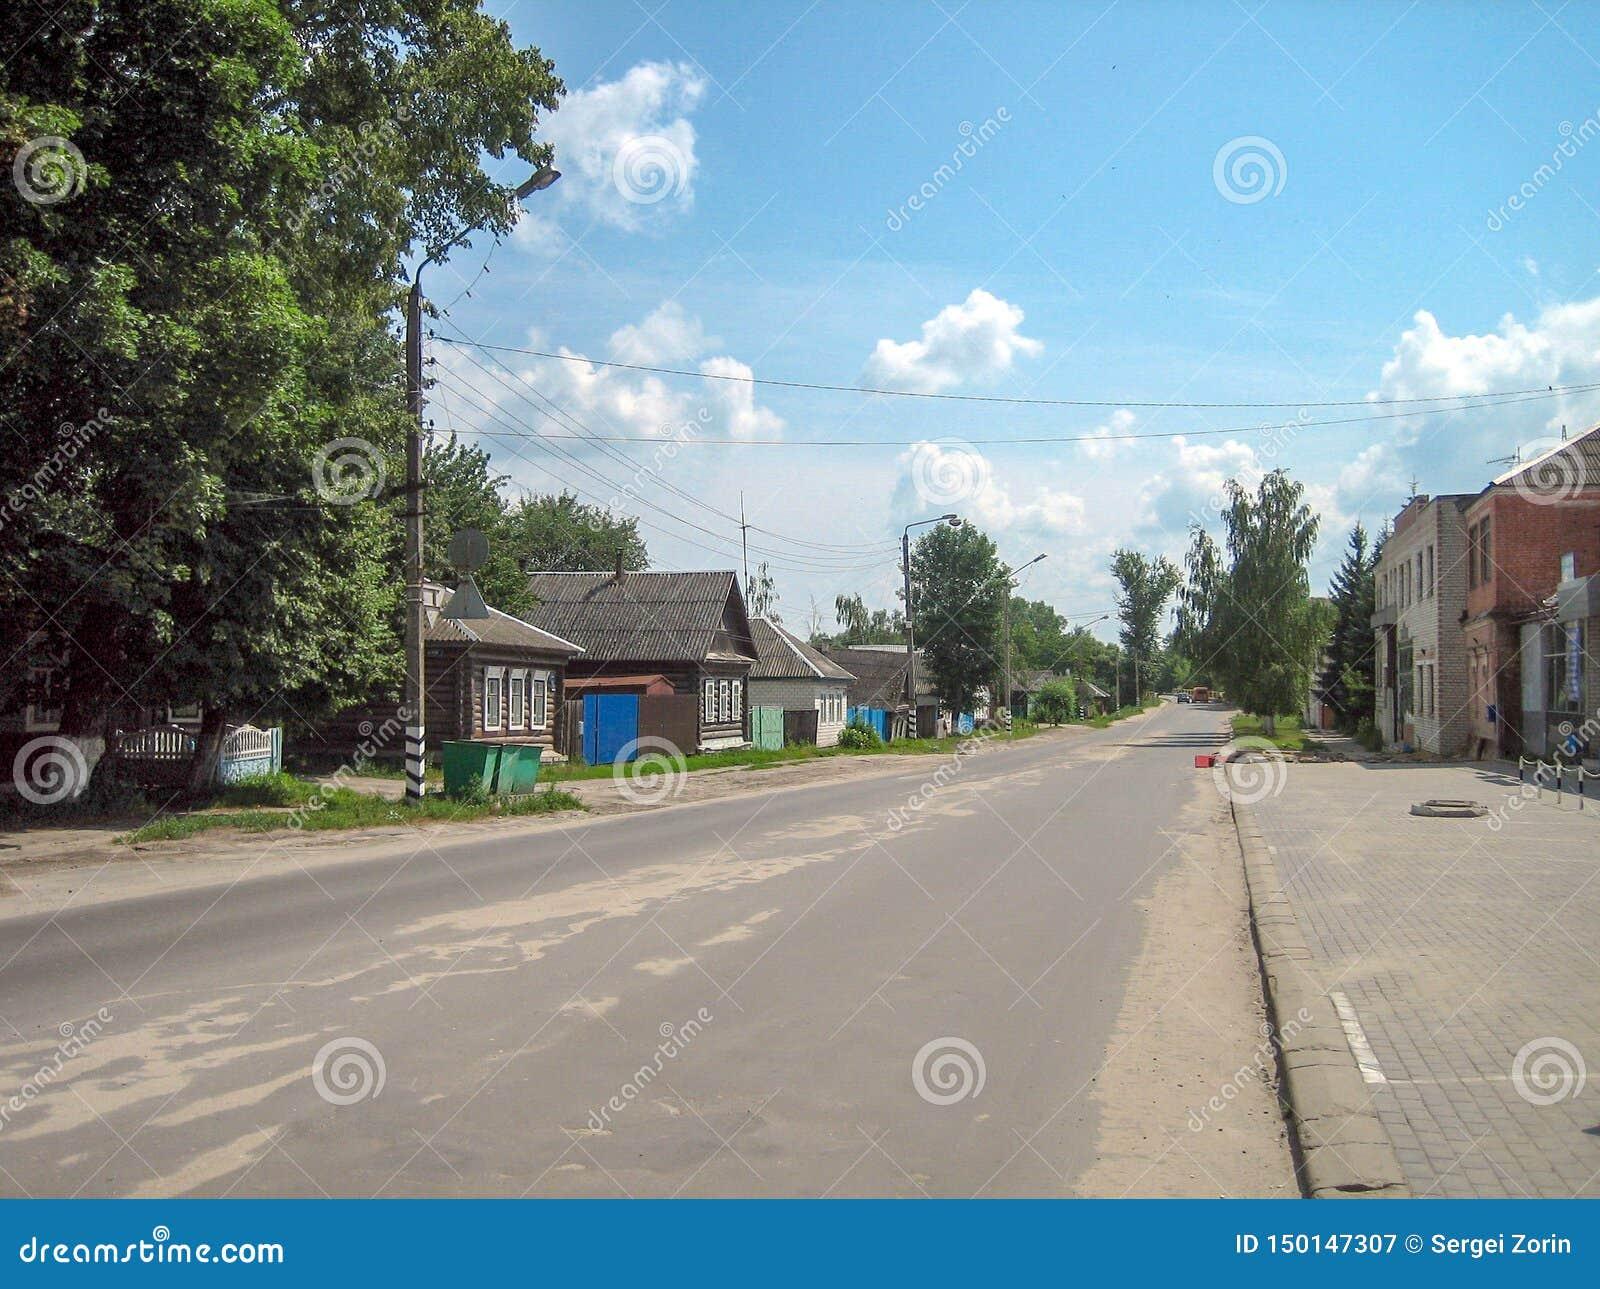 Bezpośrednia asfaltowa ulica wzdłuż wioski z kondygnacja domów i